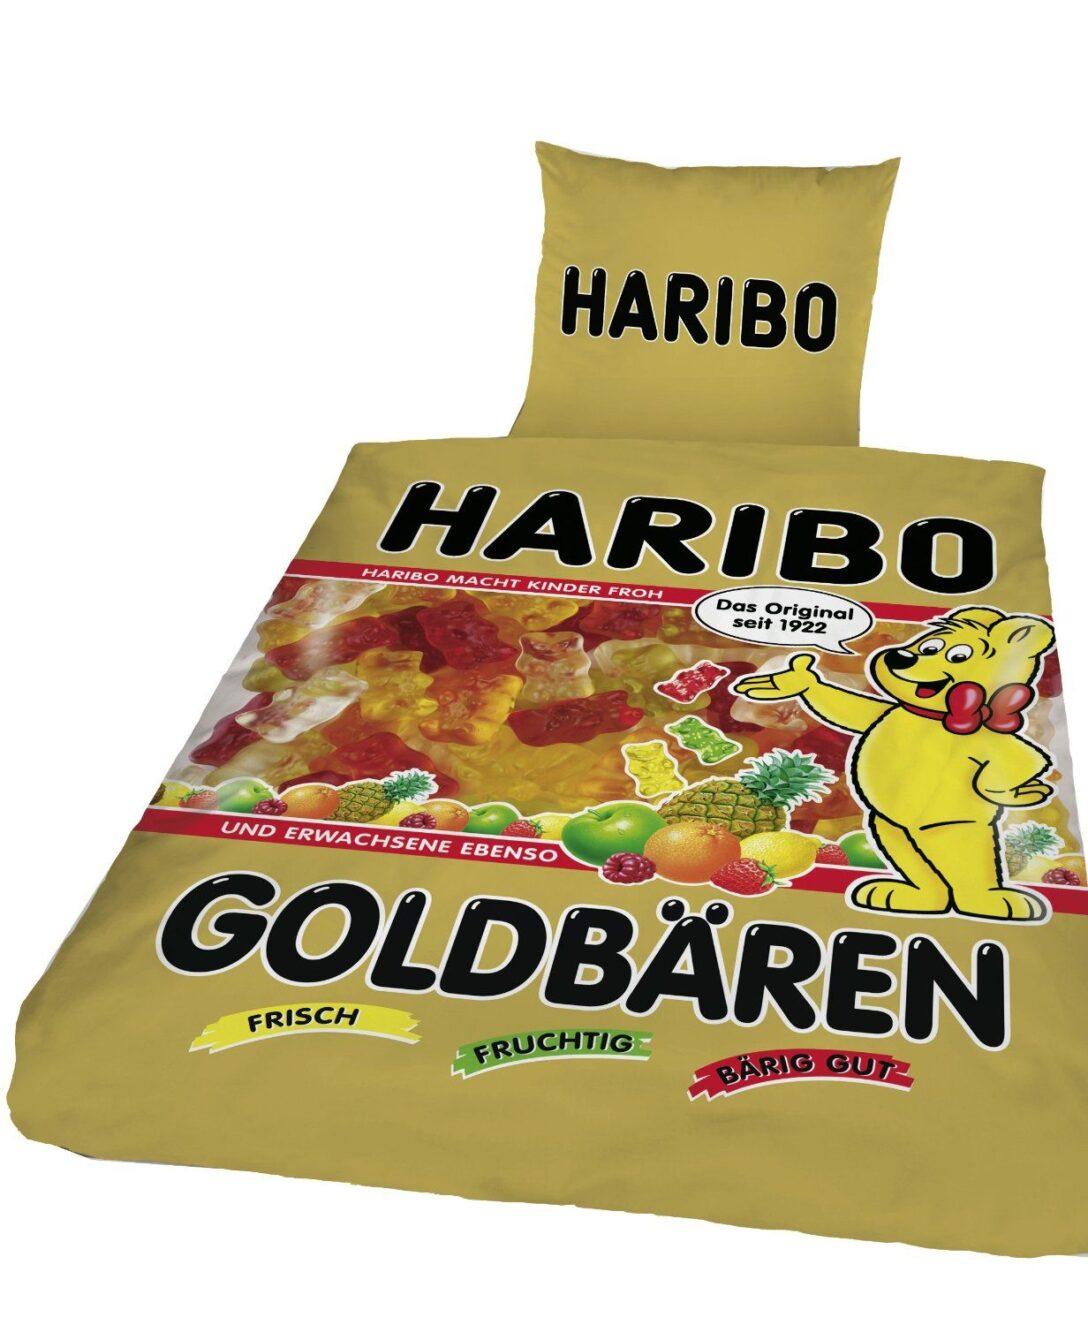 Large Size of Bettwäsche Lustige Sprüche Global Labels G 76 600 Ha1 100 Haribo Bettwsche Goldbren T Shirt Männer Junggesellinnenabschied Wandsprüche Junggesellenabschied Wohnzimmer Bettwäsche Lustige Sprüche